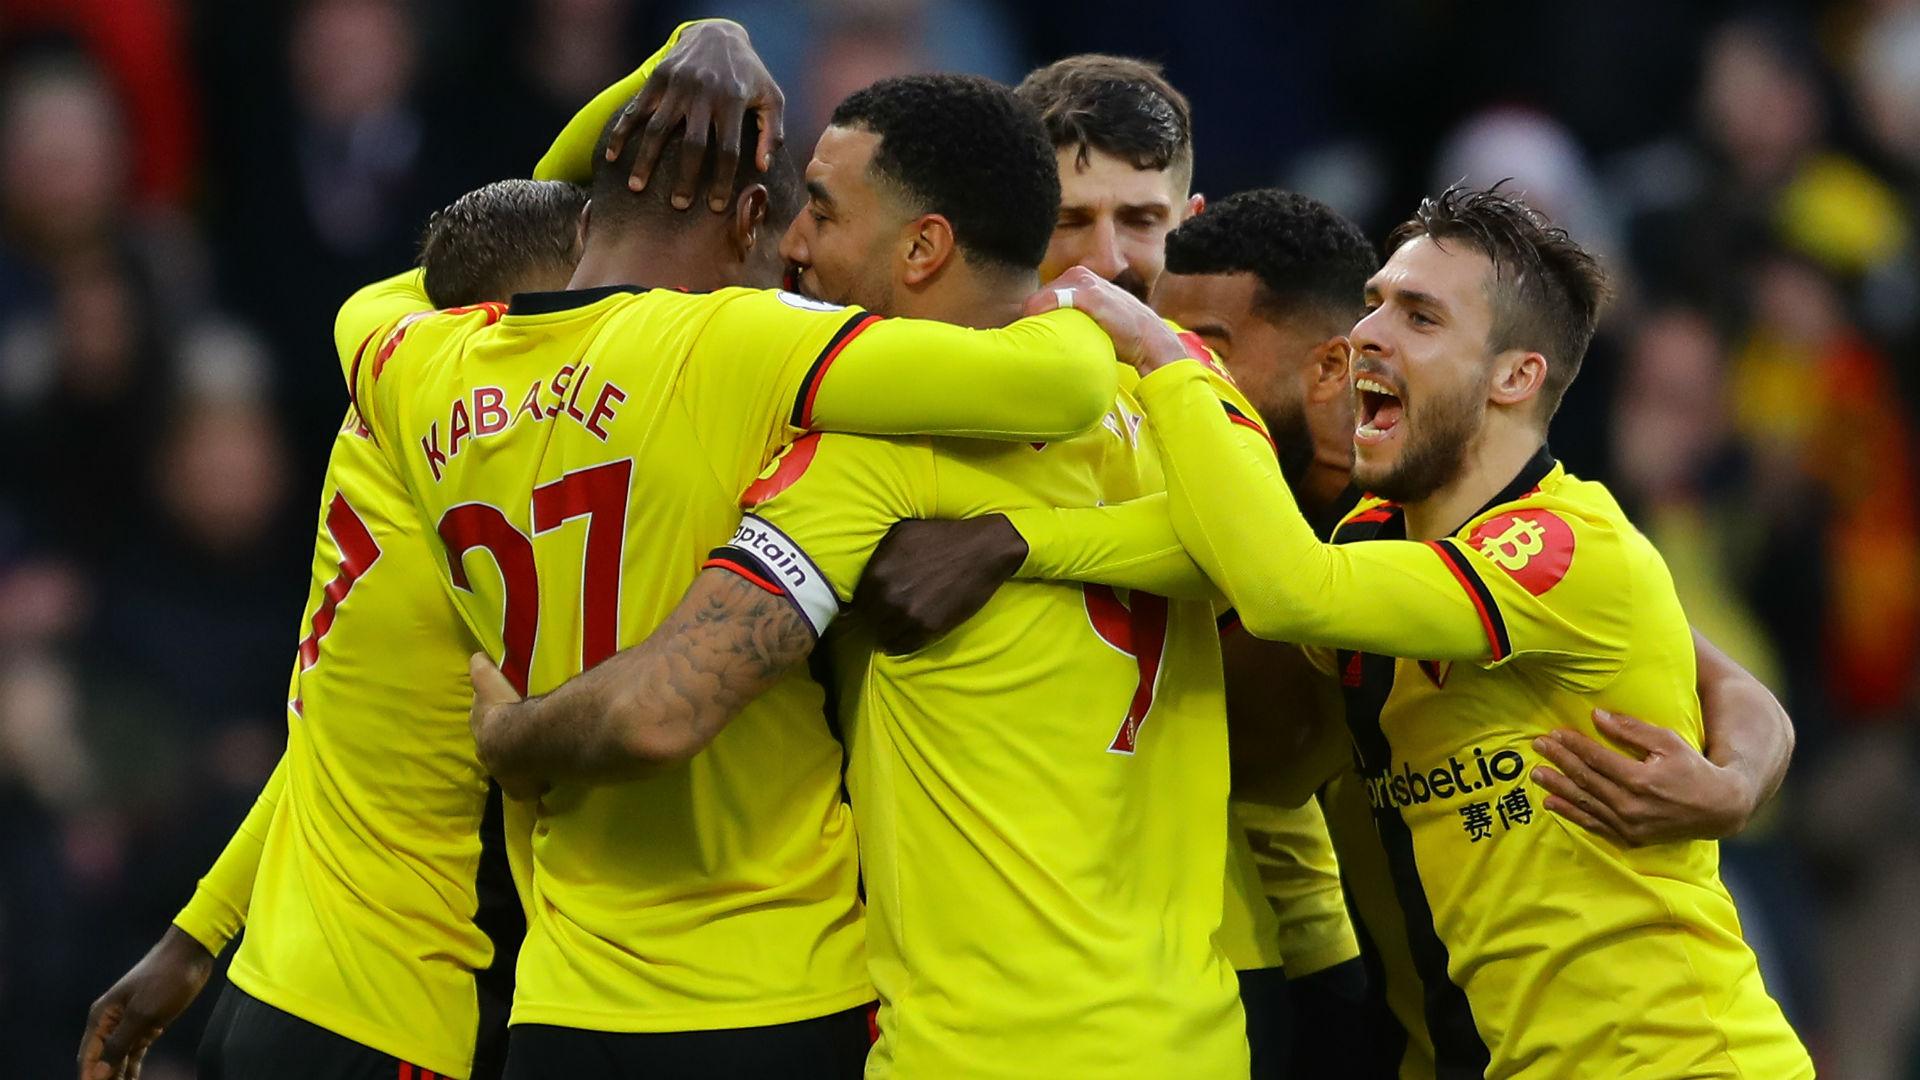 Watford 2-0 Manchester United: De Gea blunder undoes insipid Red Devils